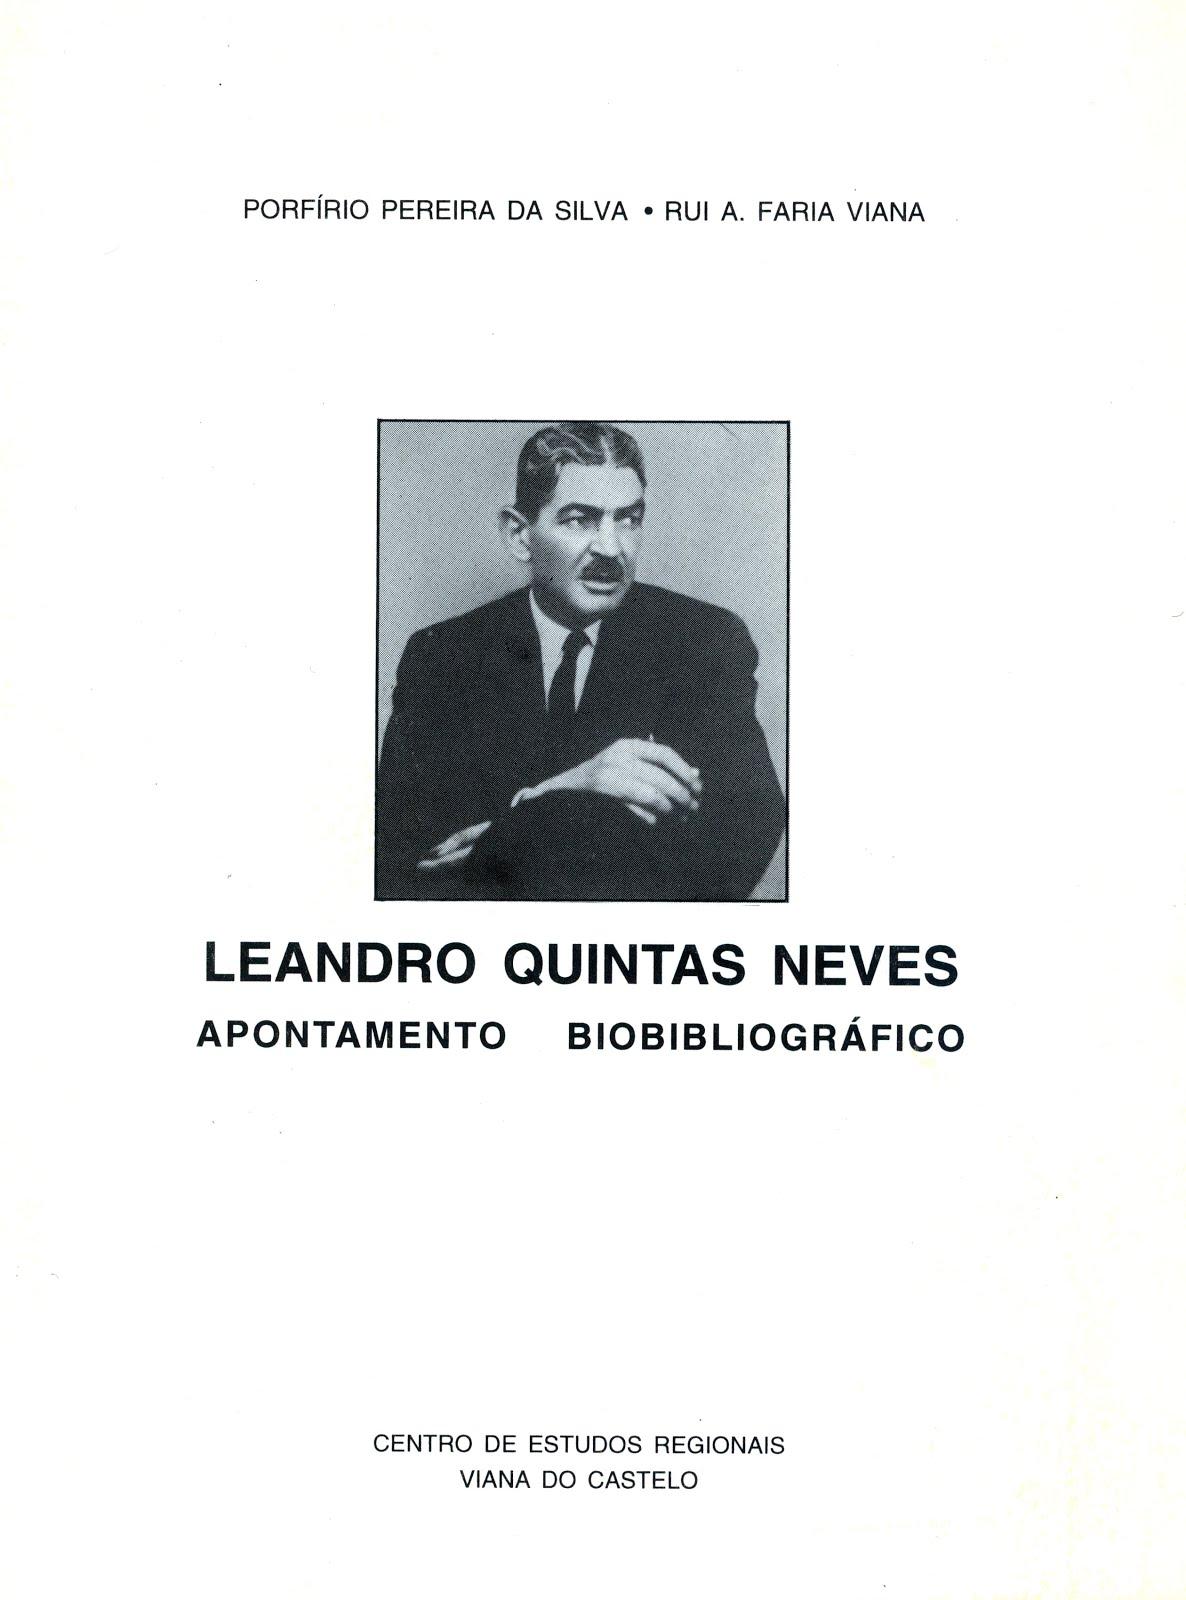 LEANDRO QUINTAS NEVES (APONTAMENTO BIOBIBLIOGRÁFICO)